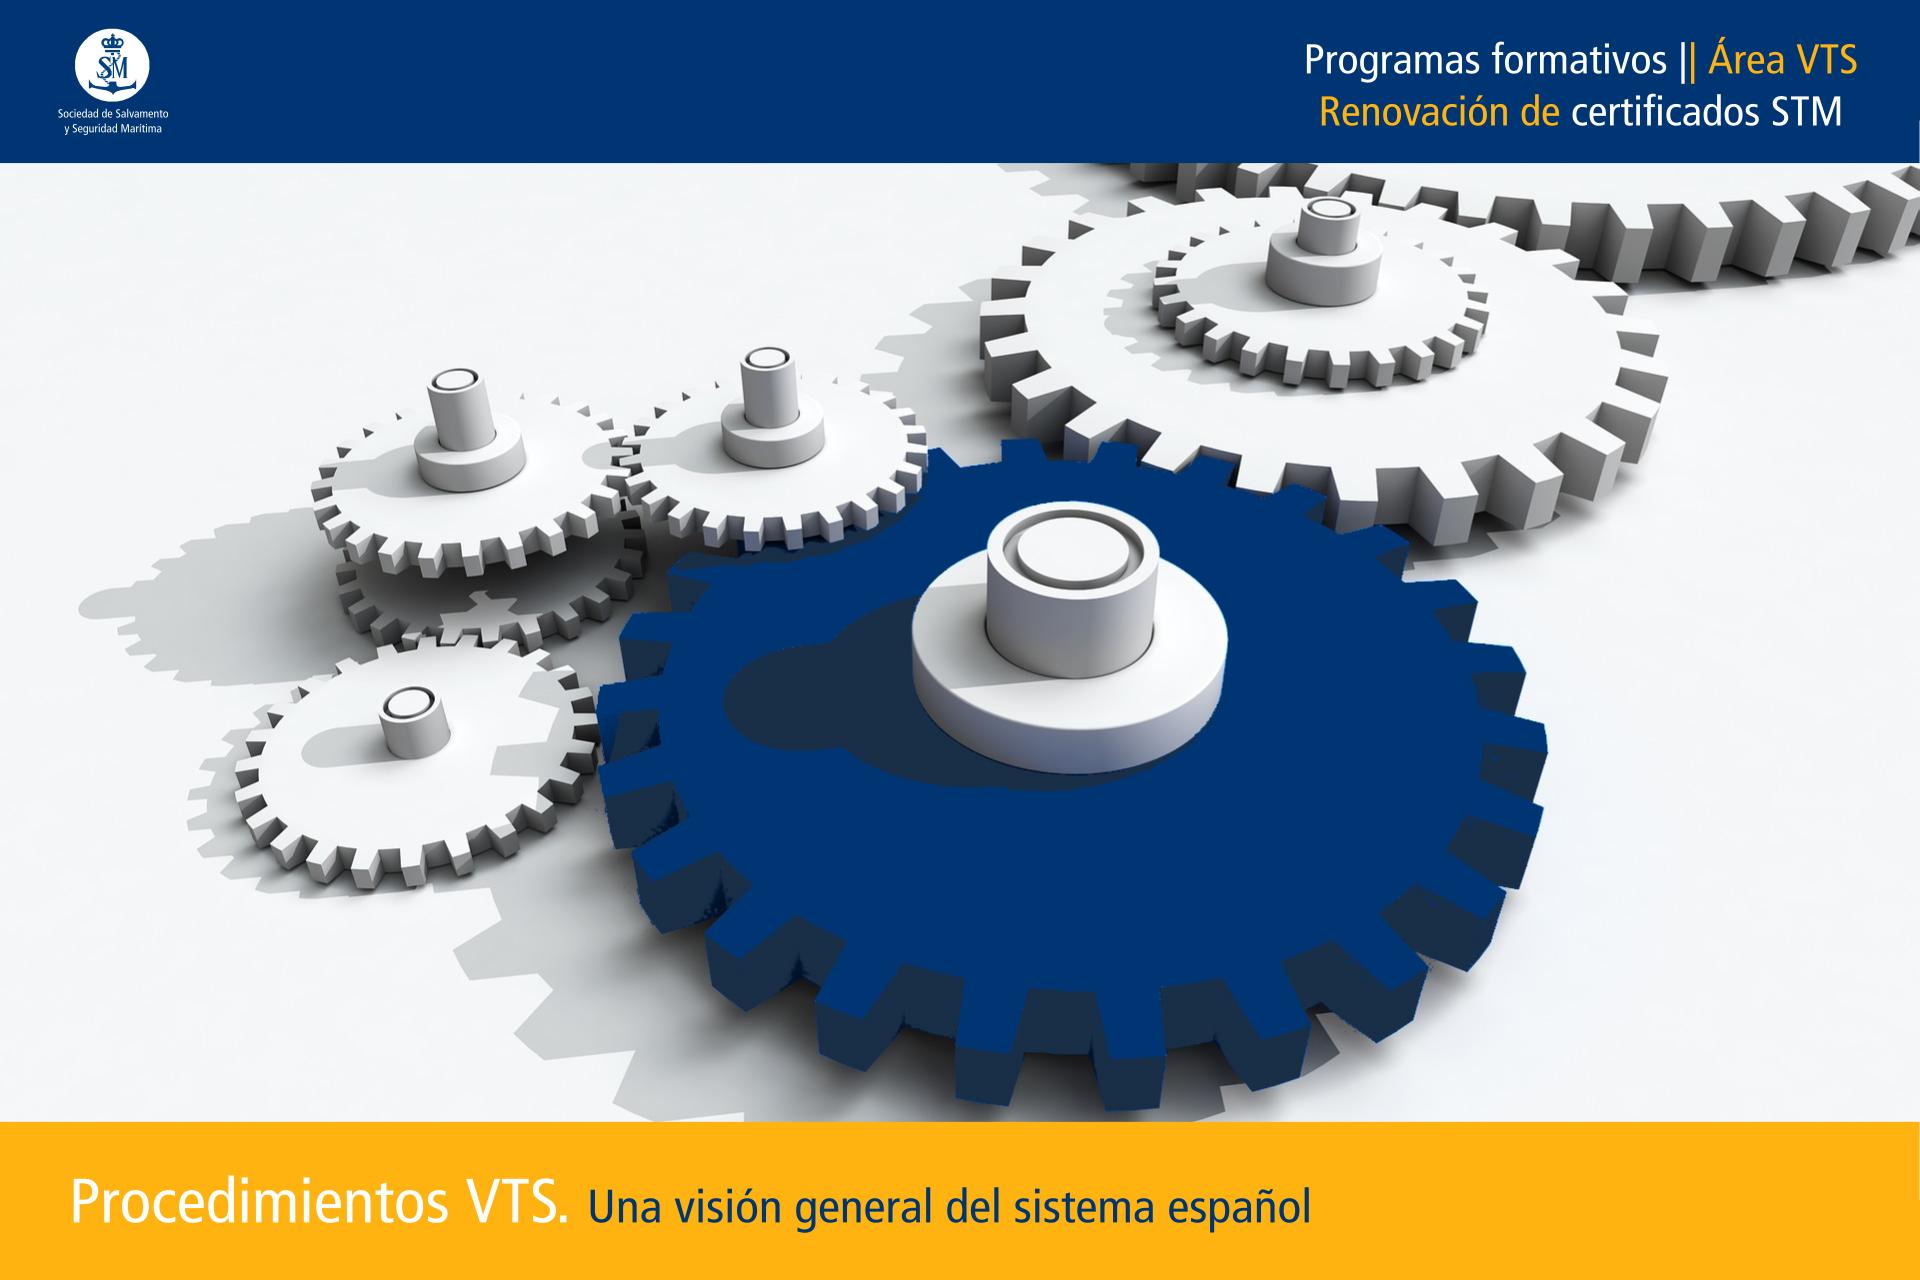 Procedimientos VTS. Una visión general del sistema español